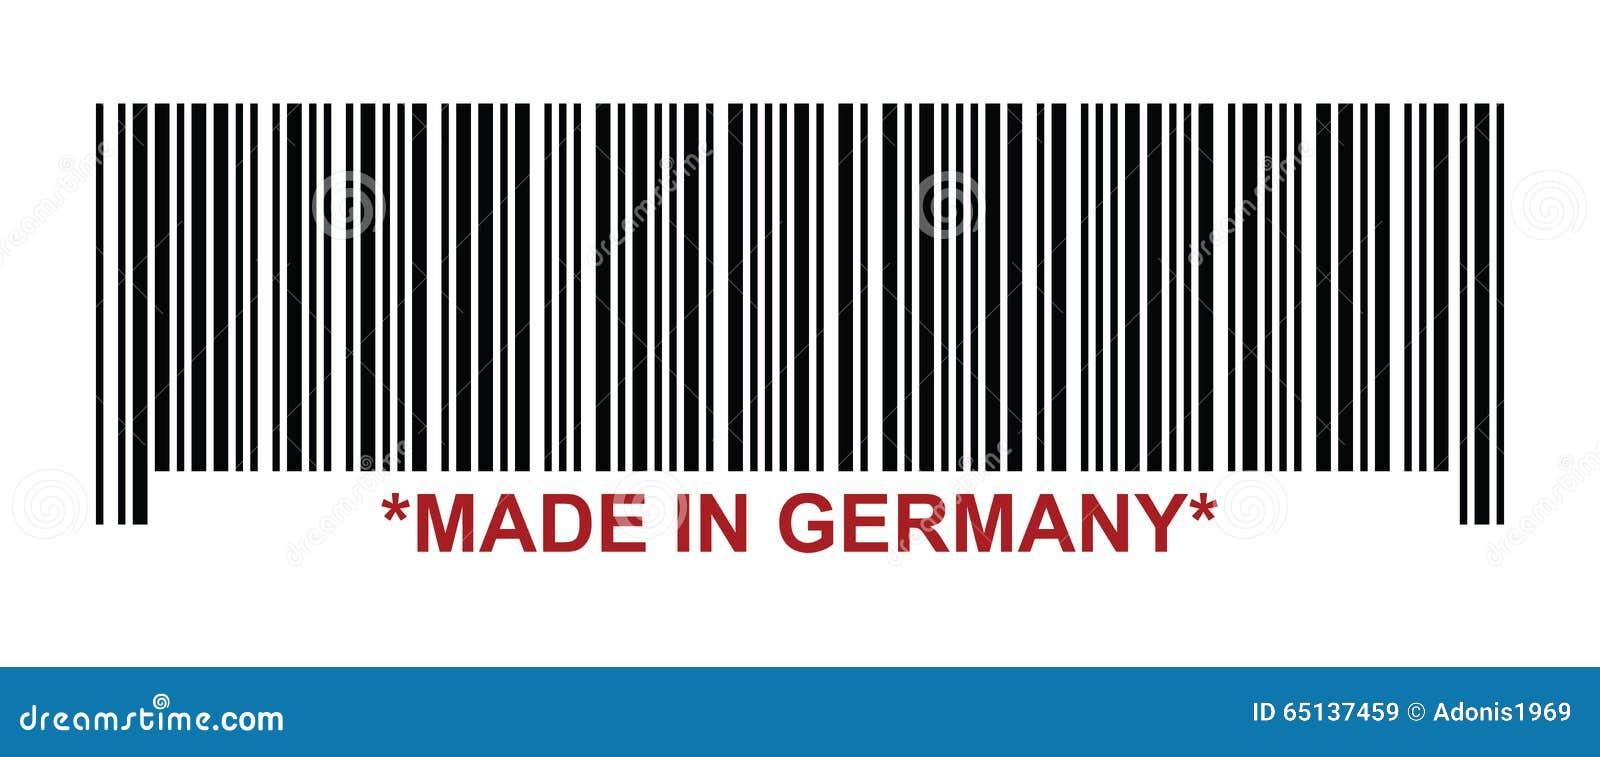 Германия сделала